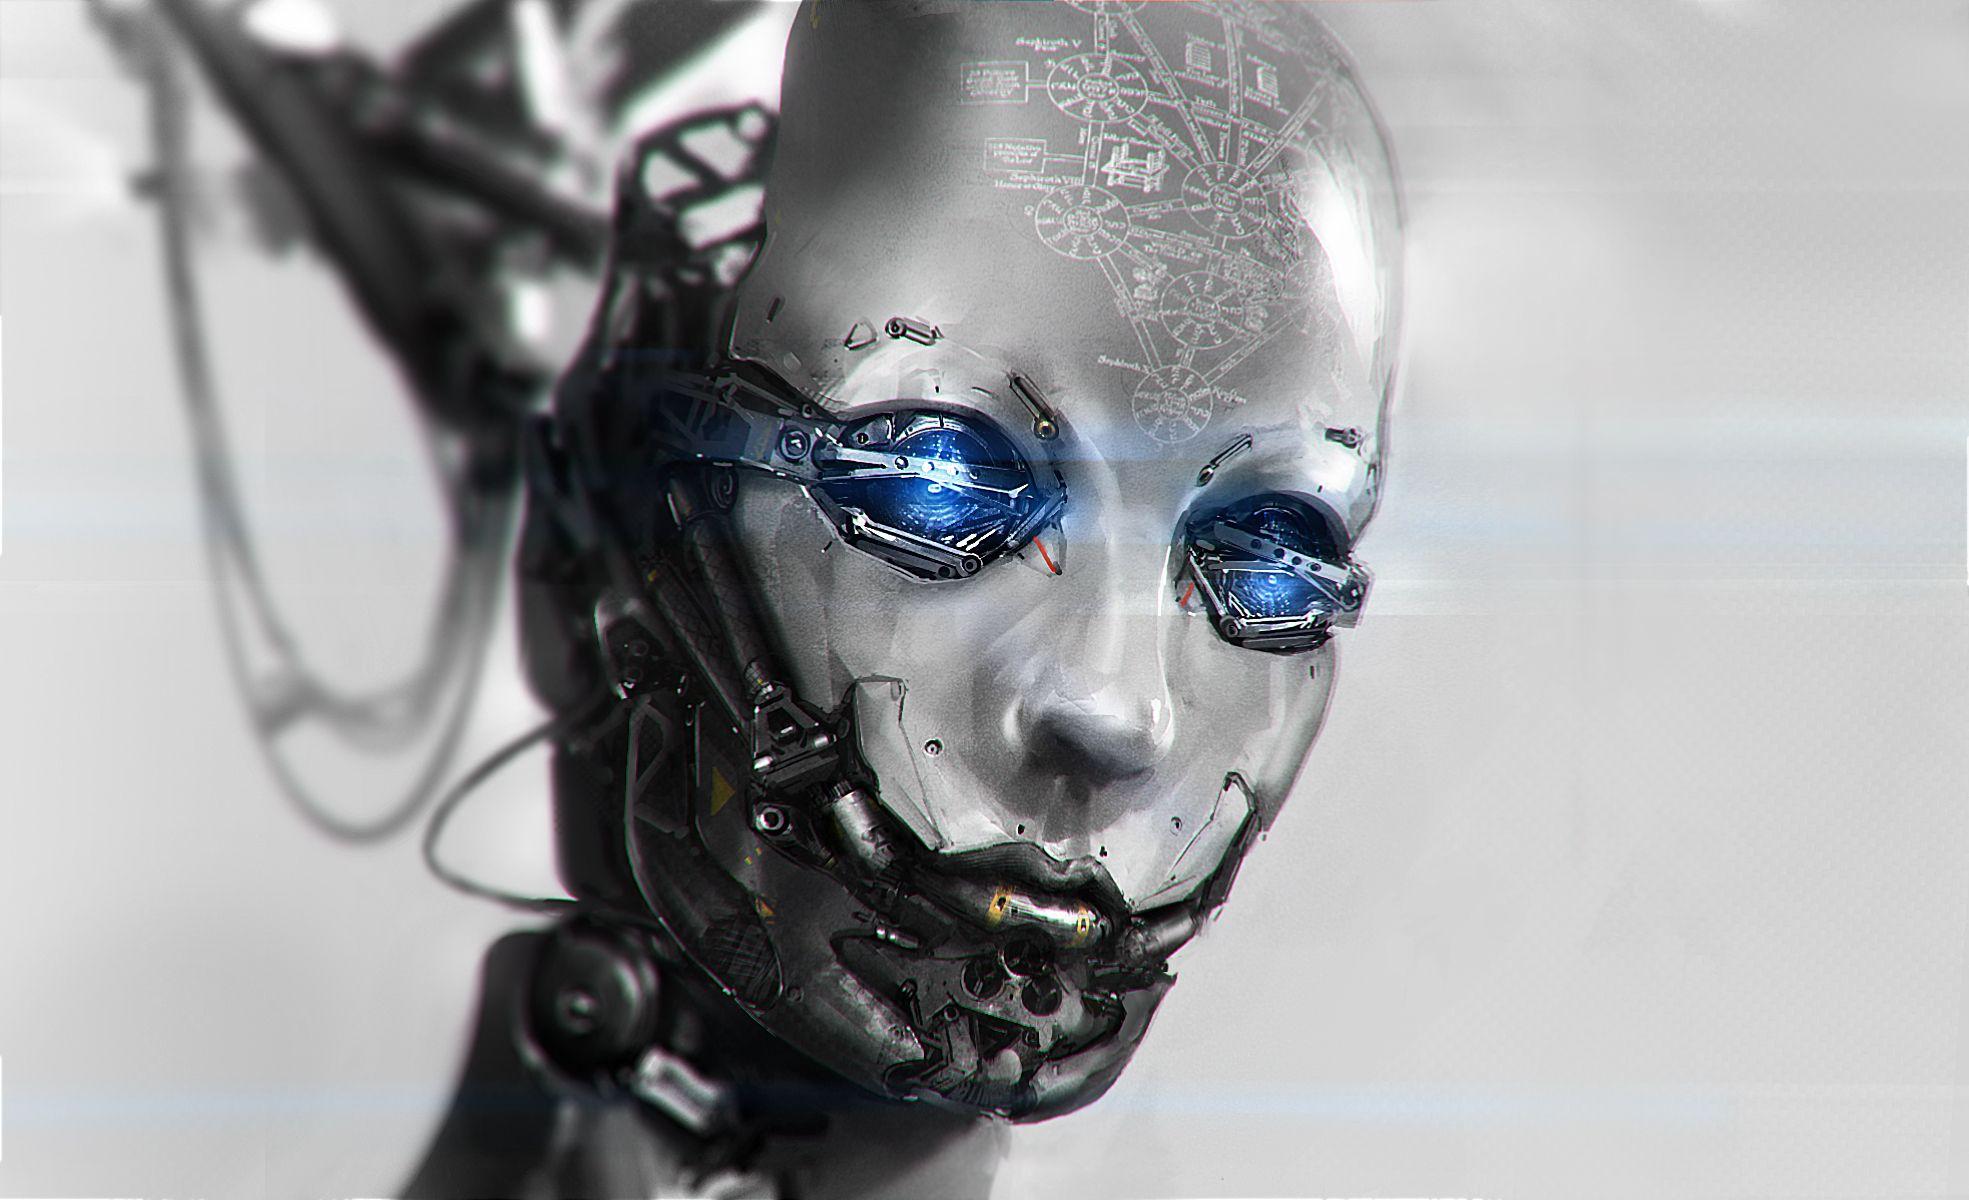 Robotics Hd Widescreen Wallpapers Eep Hd Wallpapers Robotics In